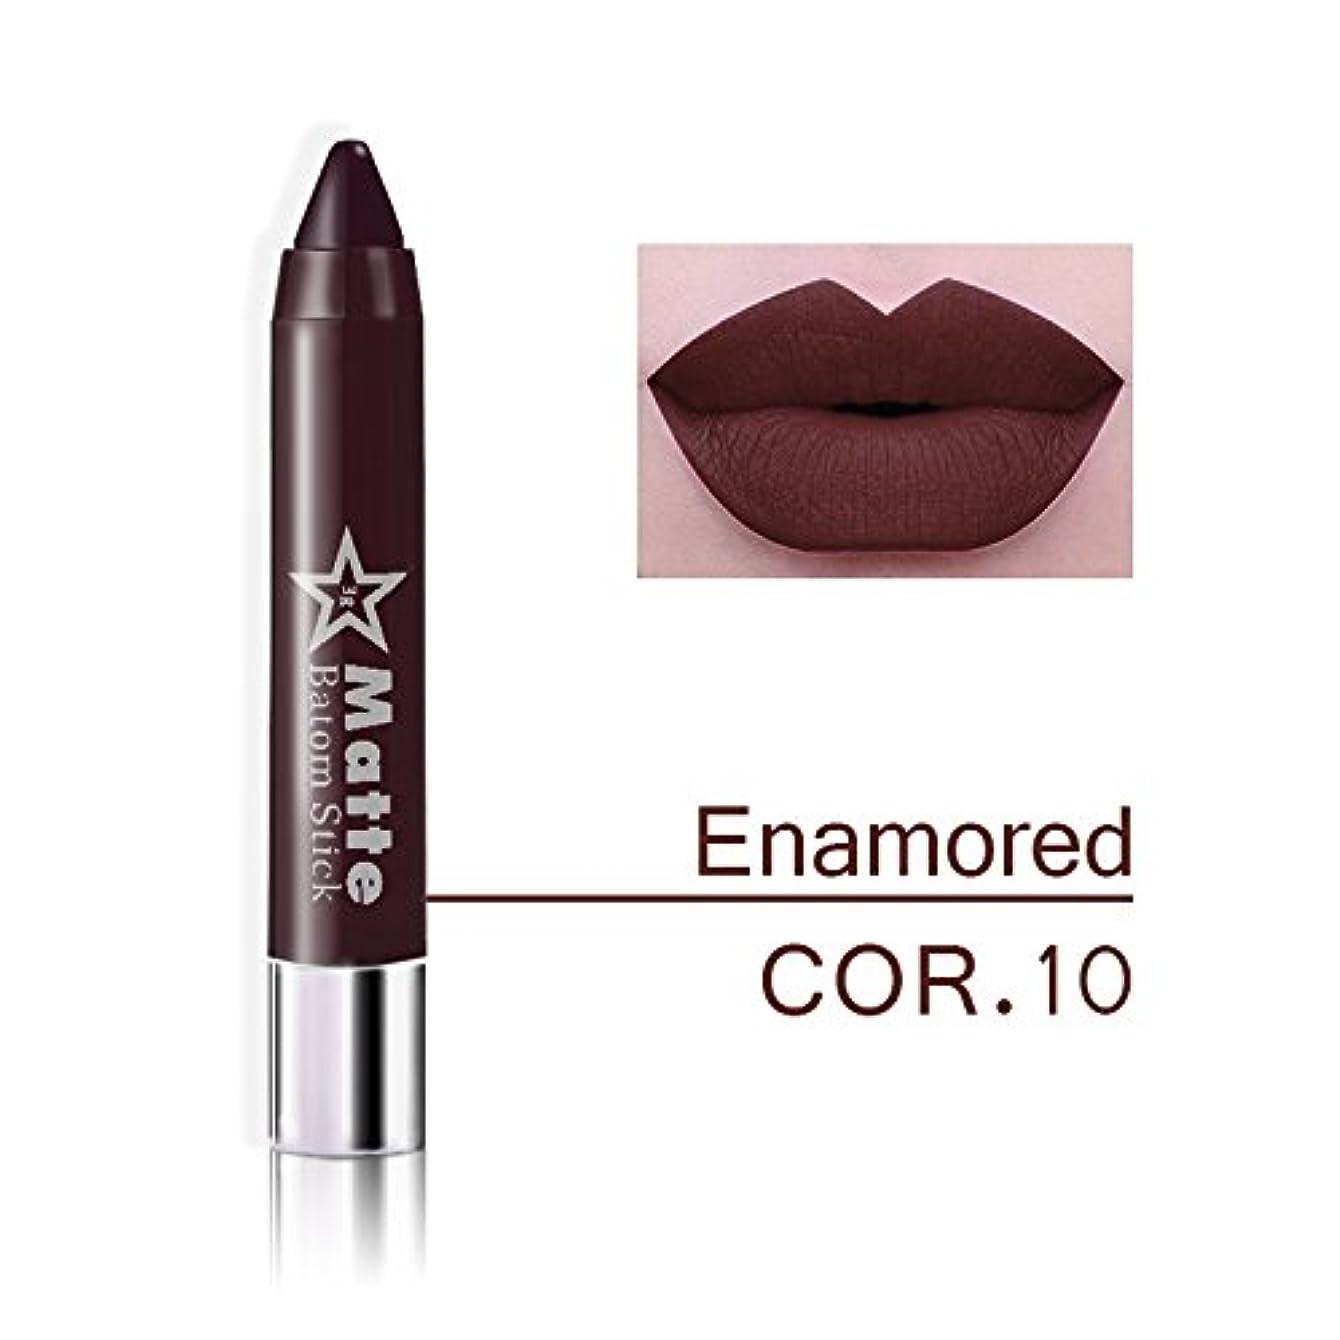 系譜操作結び目Miss Rose Brand lips Matte Moisturizing Lipstick Makeup Lipsticks Waterproof matte Lip gloss Mate Lipsticks Make up